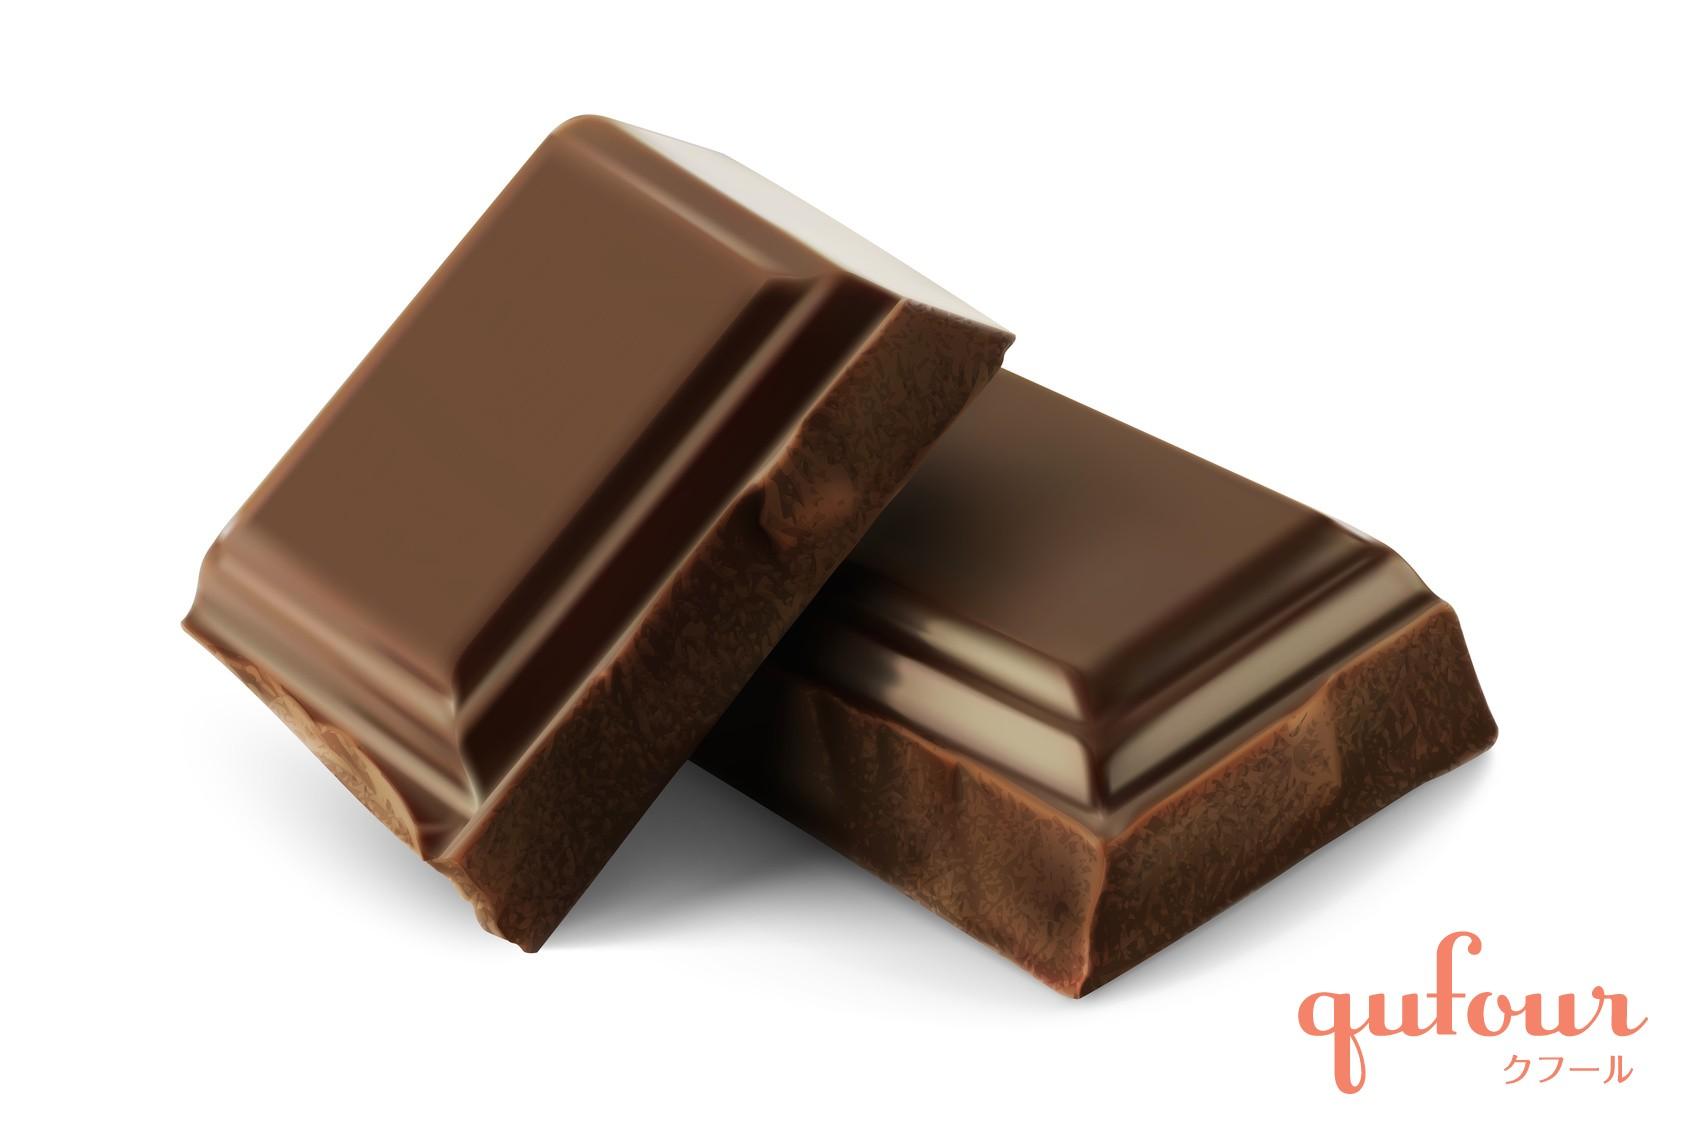 チョコレート(チョコレートミルク)よりもおすすめな効果的な食べ物